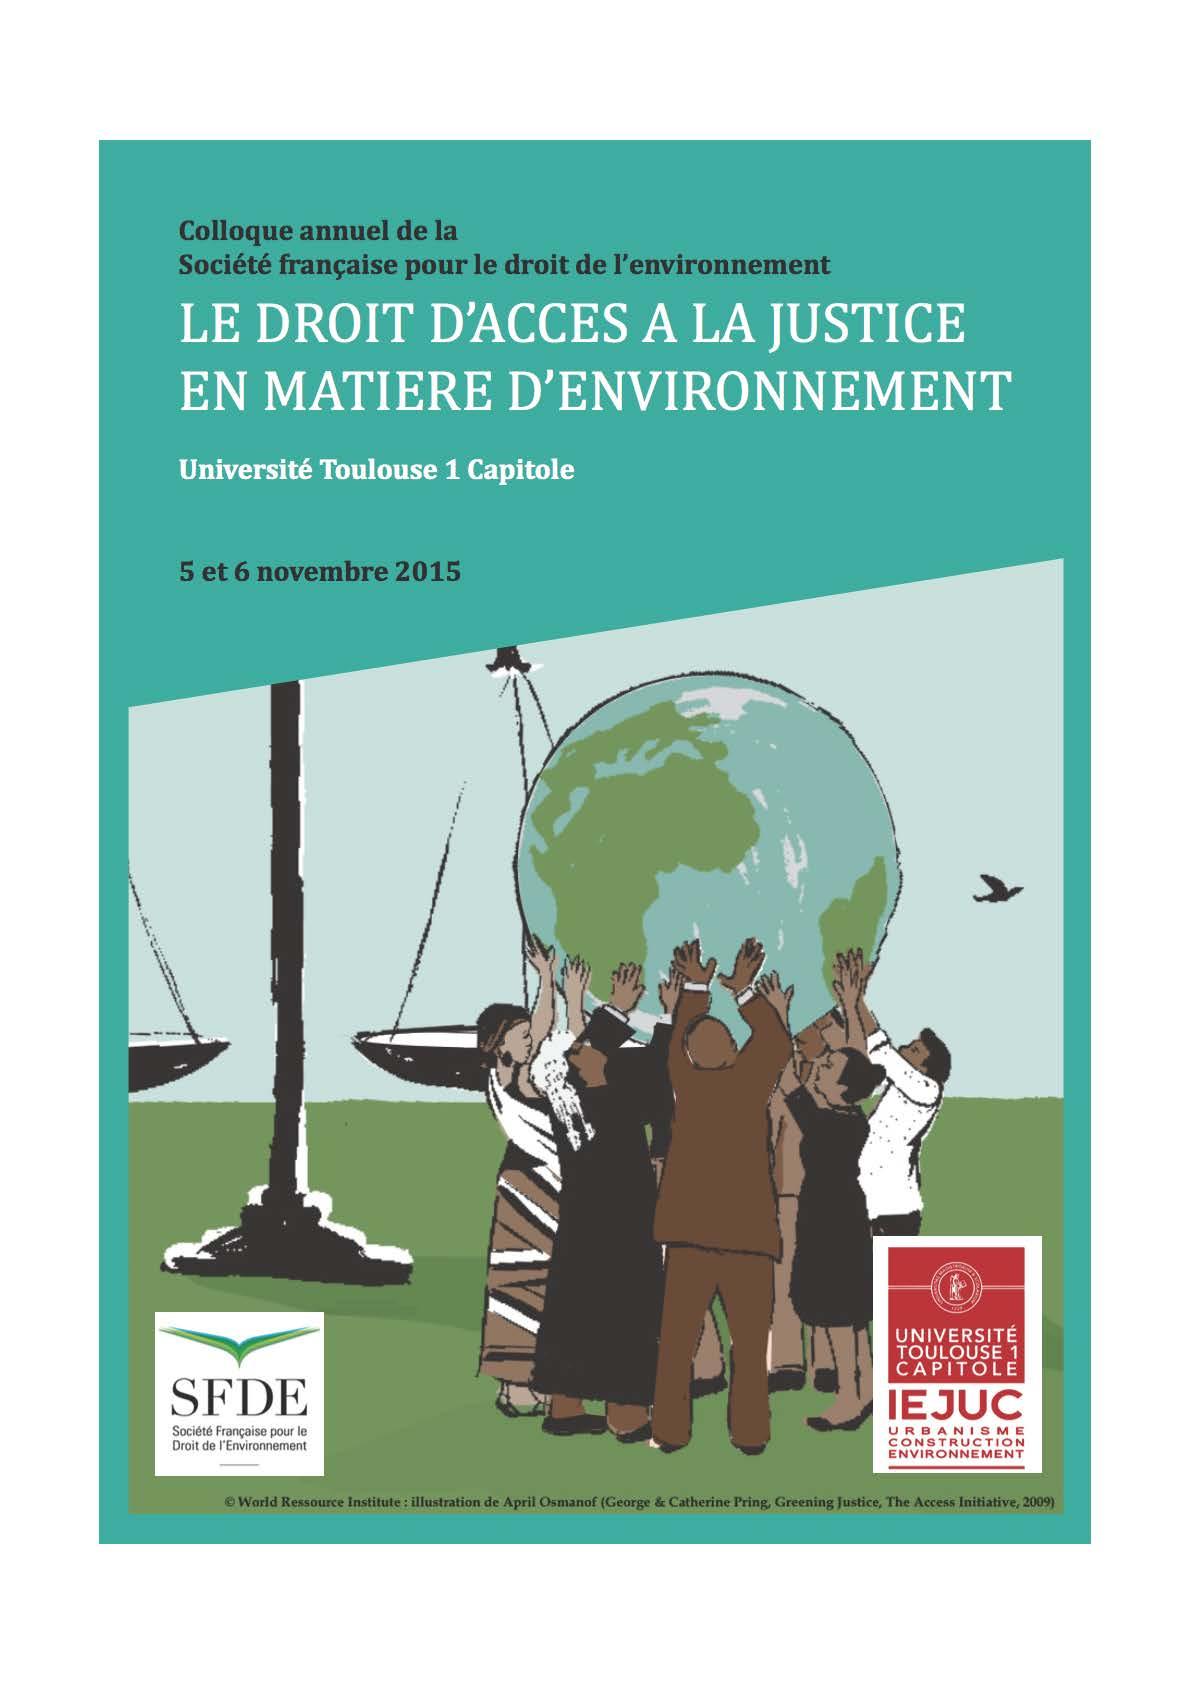 Visuel du colloque annuel de la SFDE - IEJUC à Toulouse les 5 et 6 novembre 2015